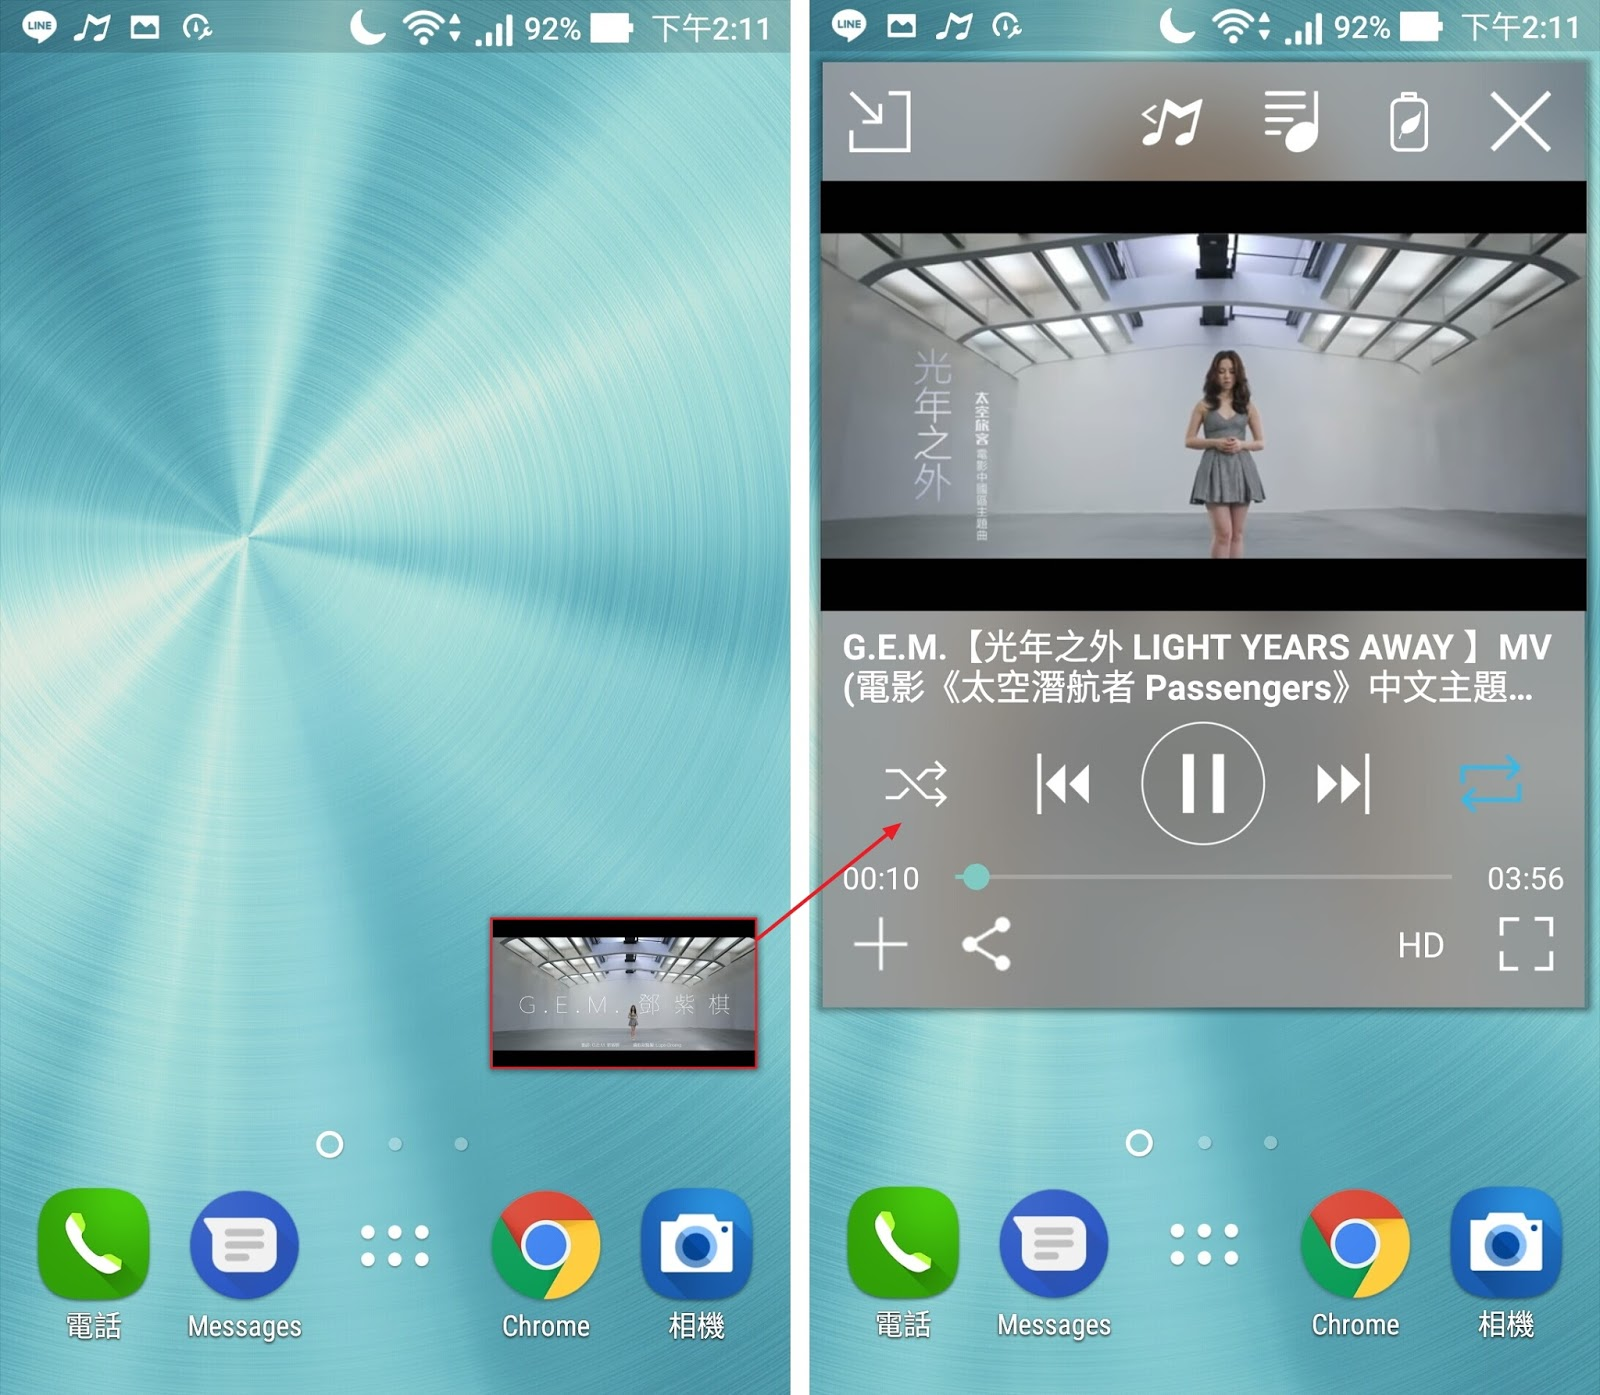 Screenshot 20170416 141123 - MixerBox - 手機免費聽音樂,歌單整理超方便的聽歌App